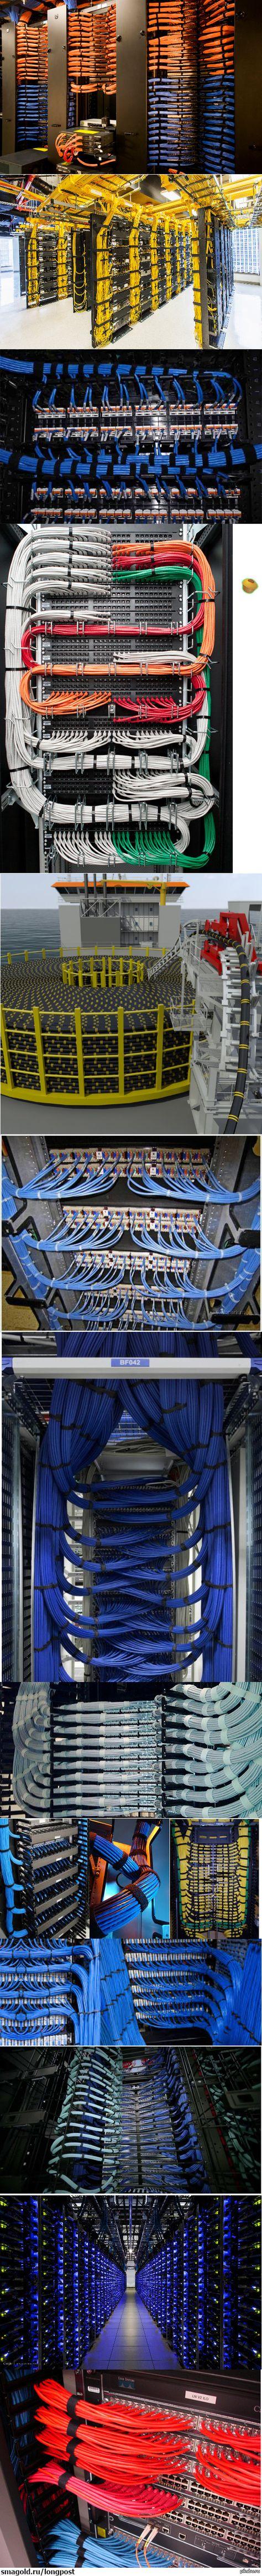 Cableporn:D - 3! cableporn, кабель, сисадмин, Провод, порядок, длиннопост